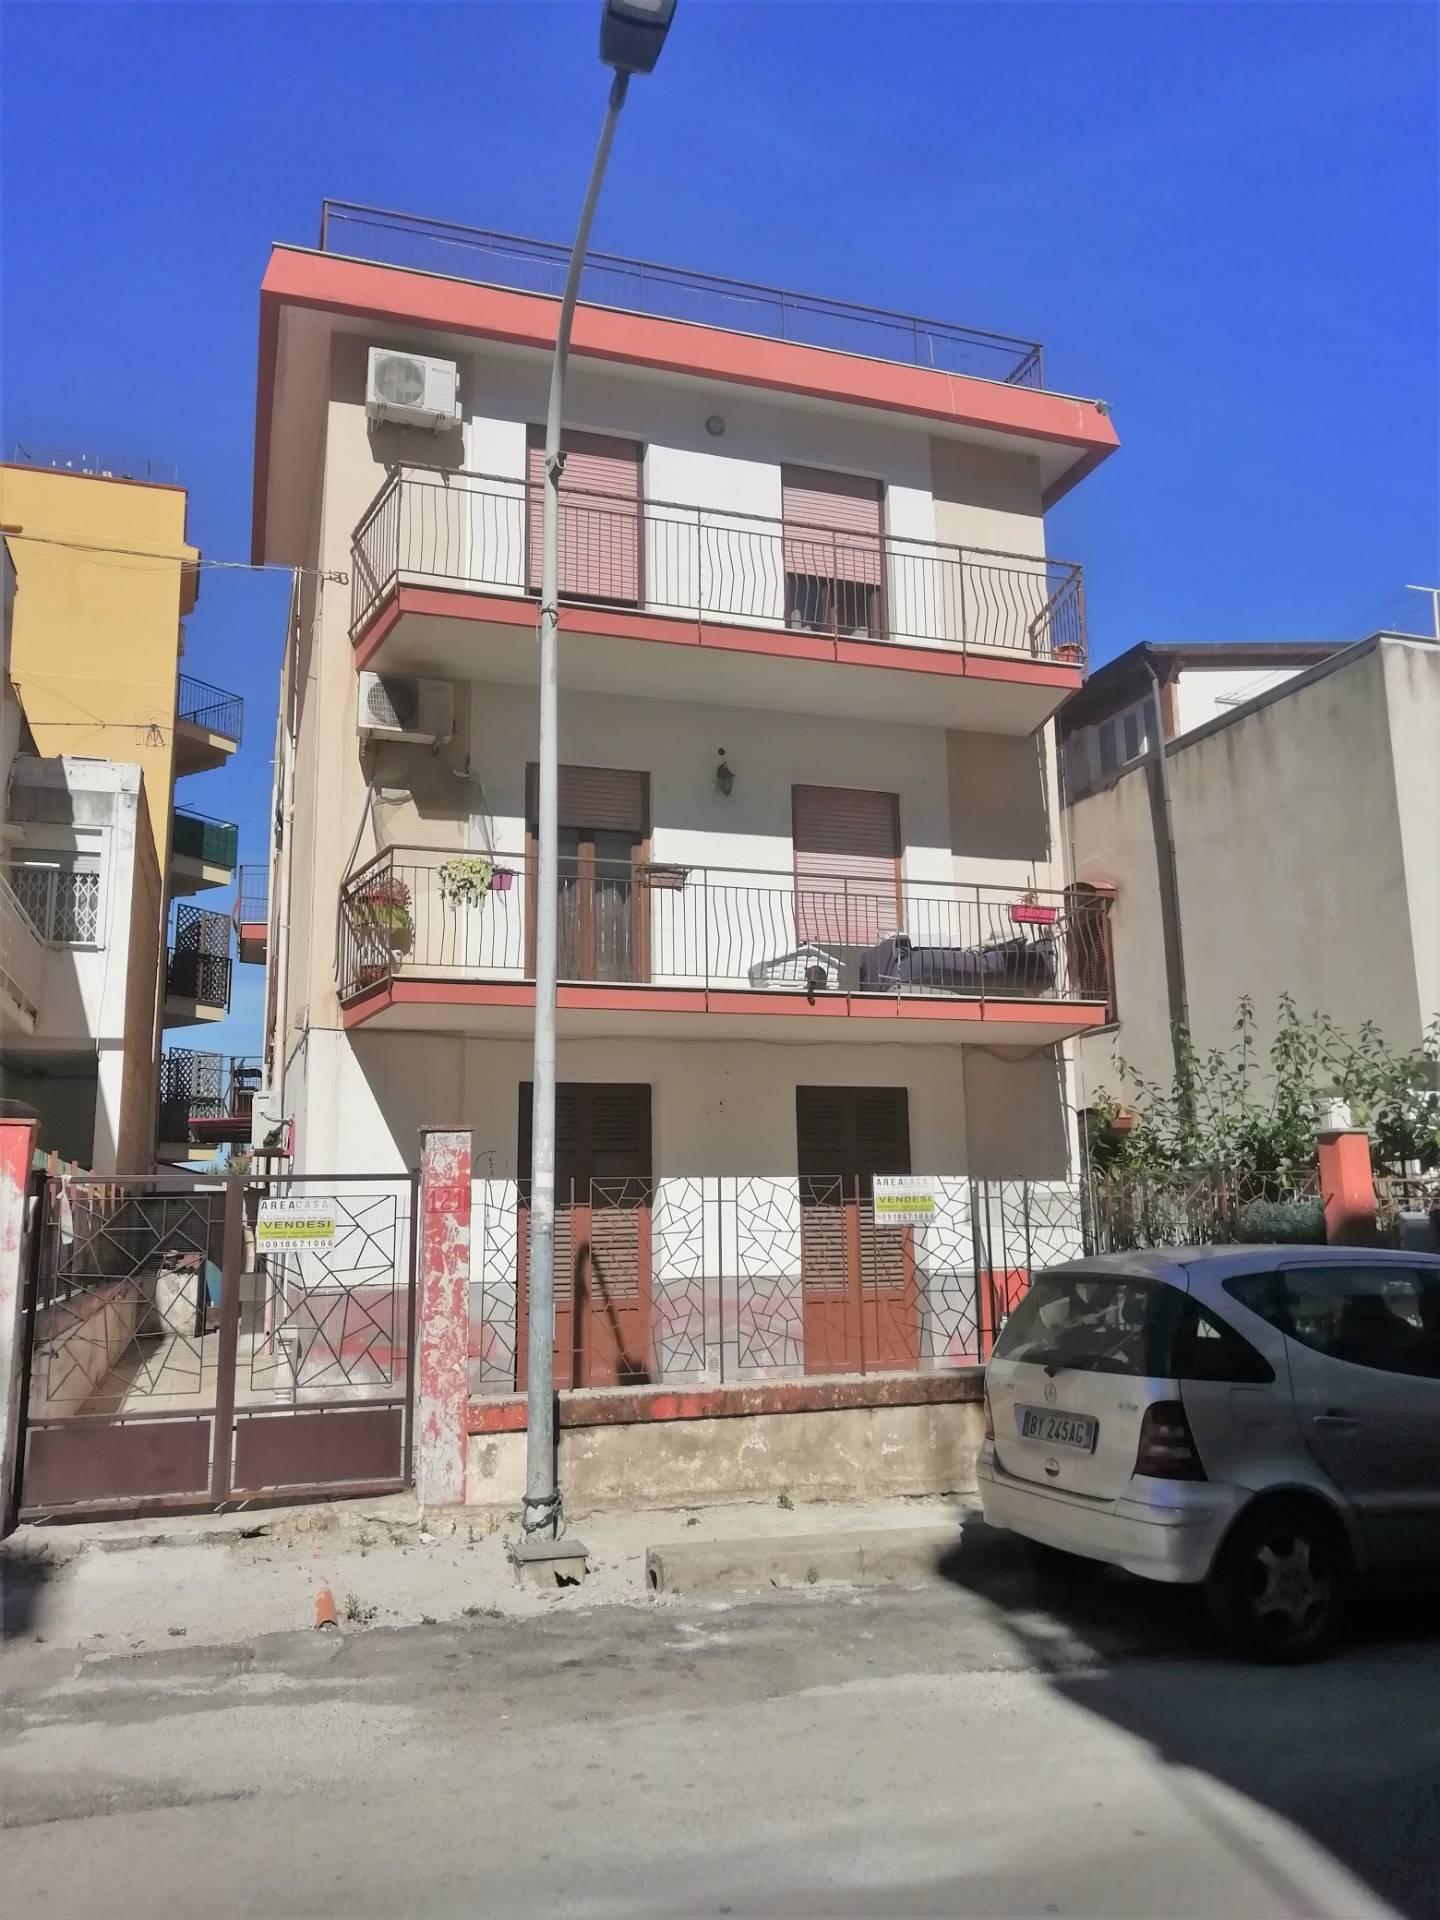 Appartamento in vendita a Capaci, 3 locali, prezzo € 125.000 | PortaleAgenzieImmobiliari.it